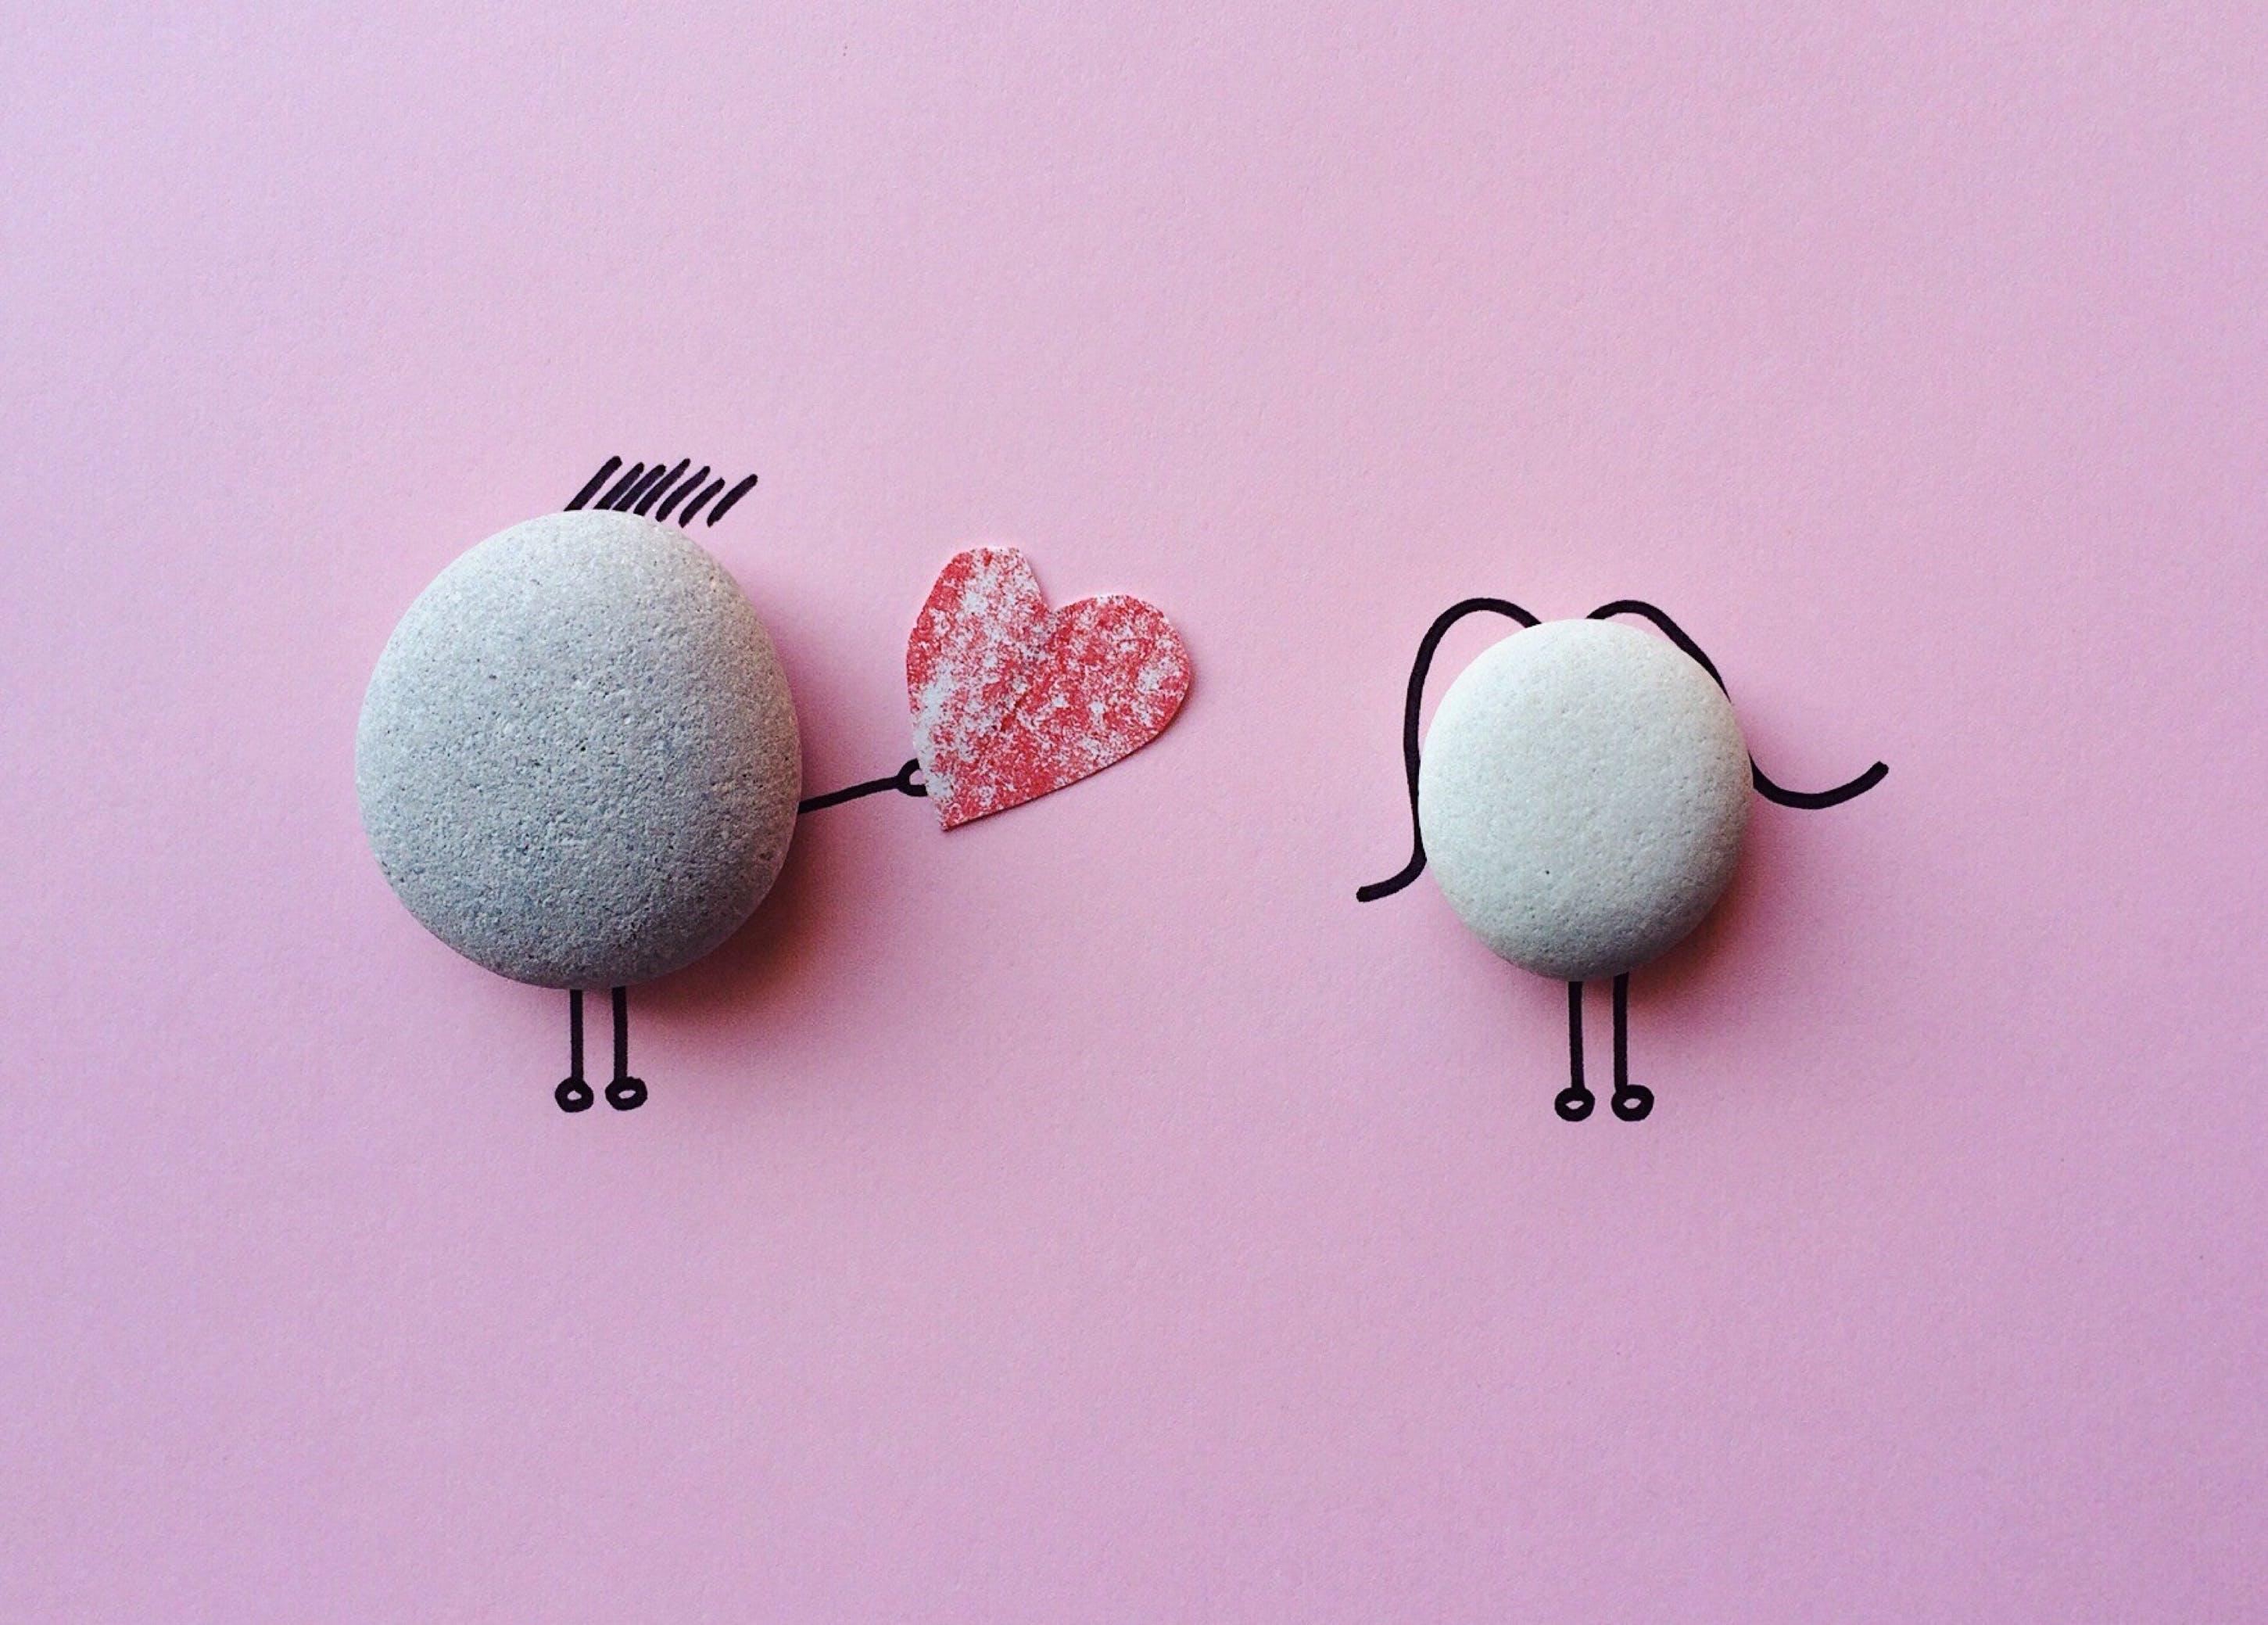 Fotos de stock gratuitas de amor, Arte, Arte y manualidades, artístico